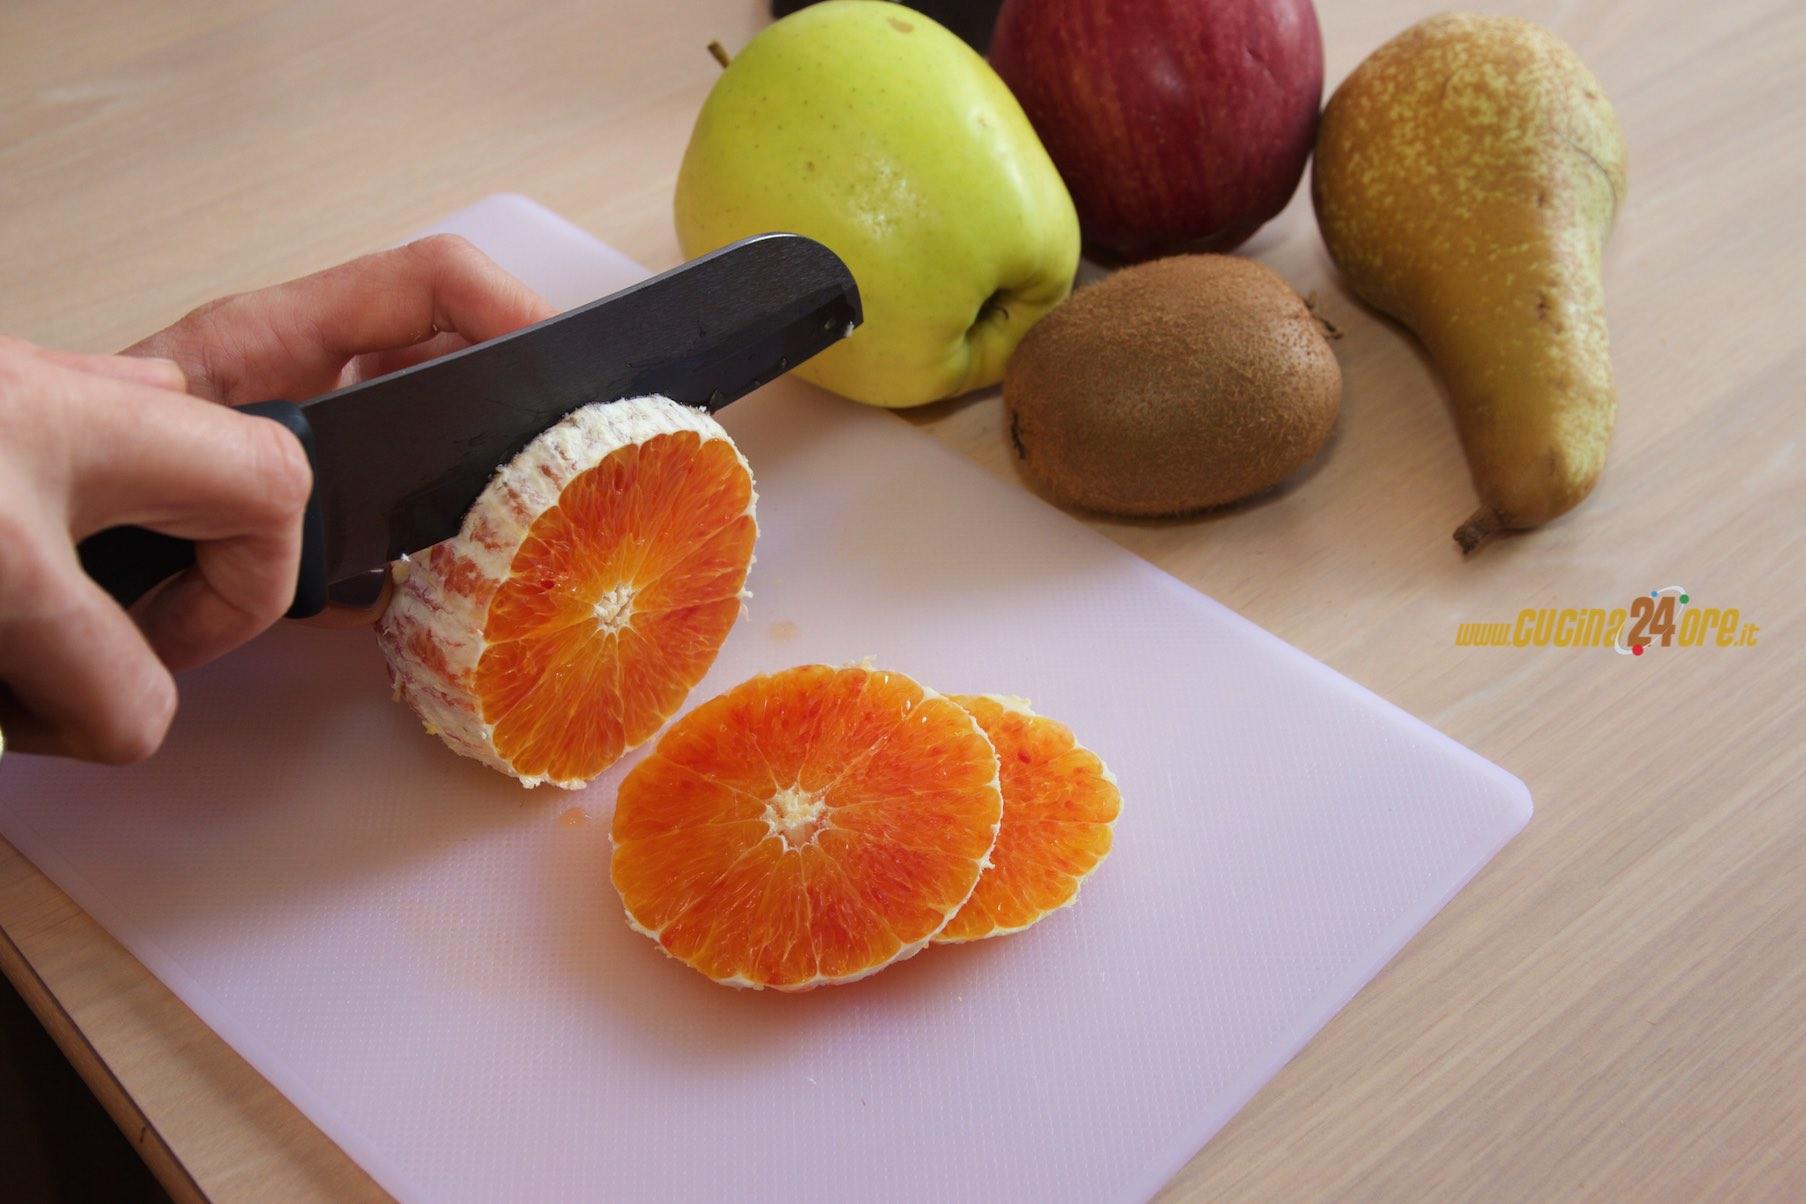 Glicemia Alta: Cosa Mangiare per Tenerla Sotto Controllo e Cibi da Evitare